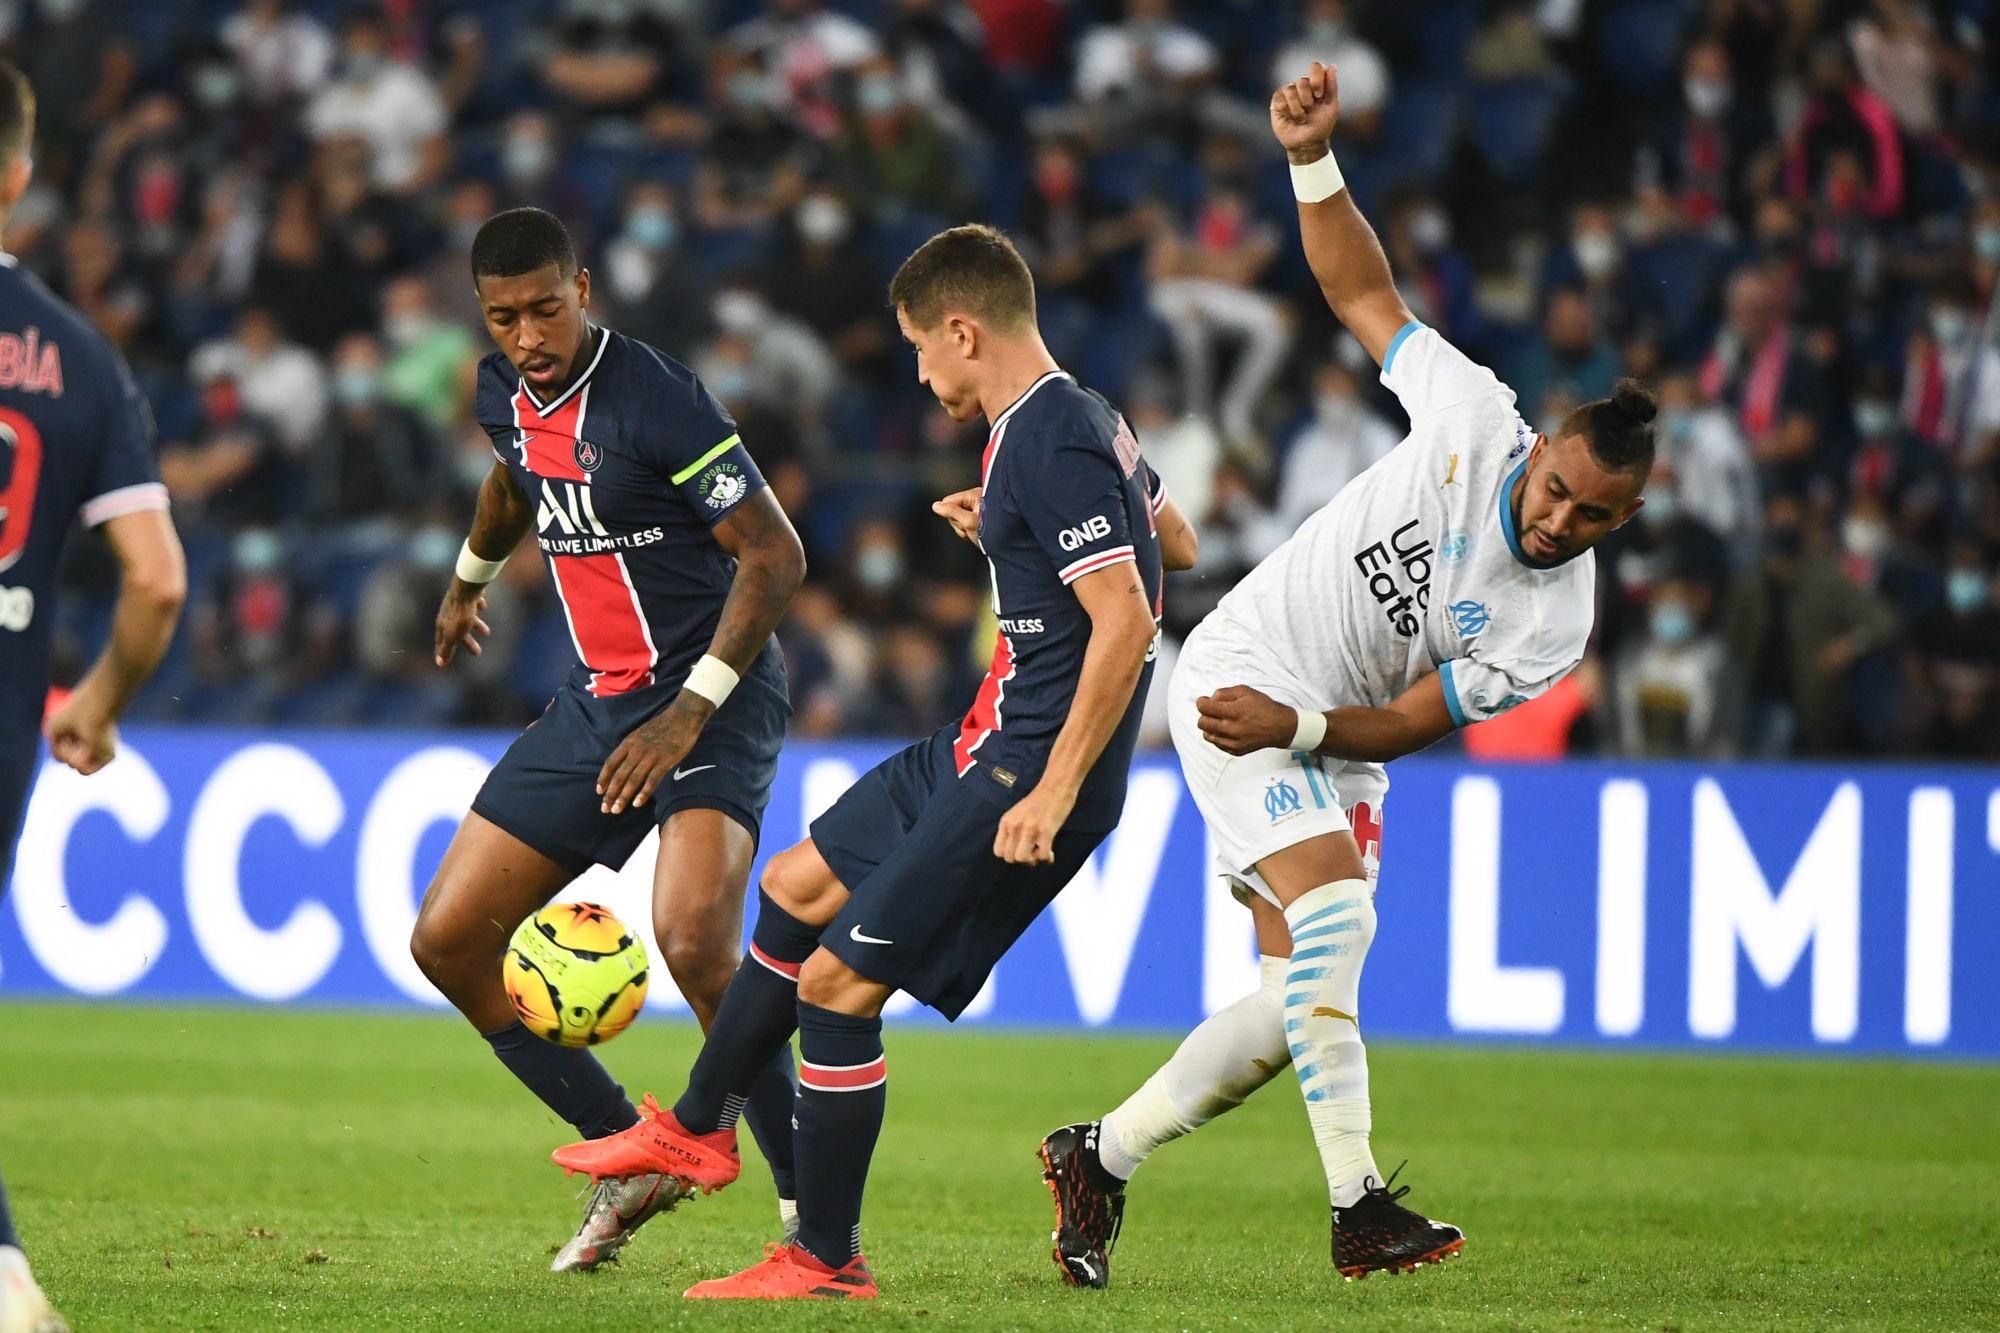 PSG/Angers - Qui a été le meilleur joueur parisien selon vous ?